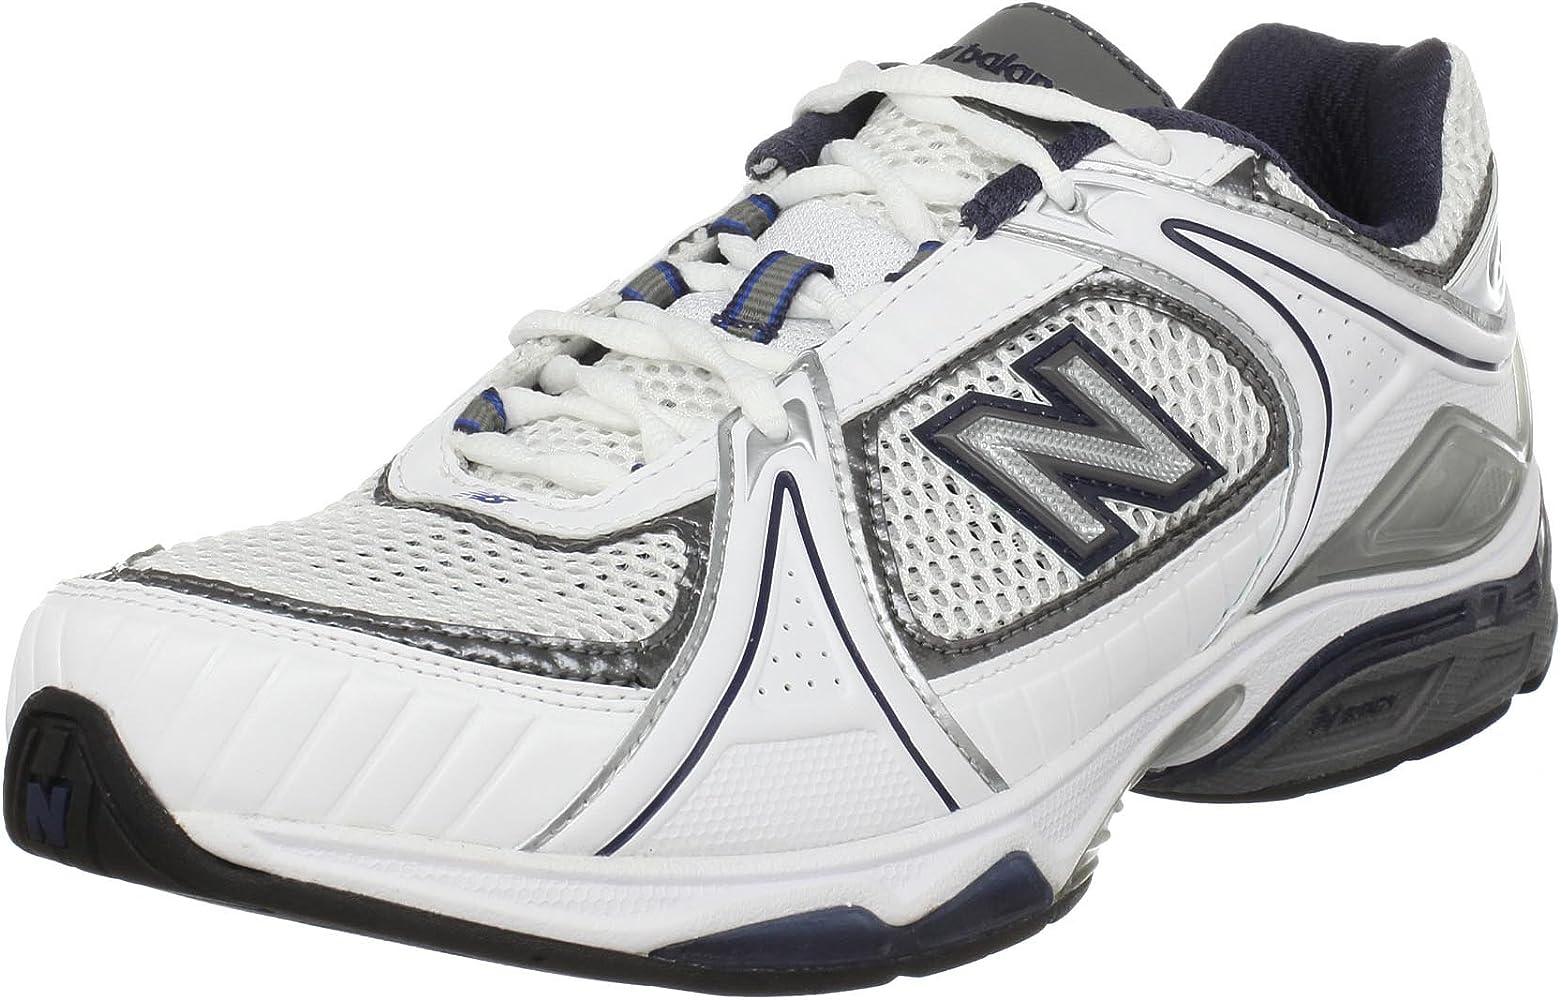 New Balance Mens 1011 V1 Cross Trainer, White, Medium